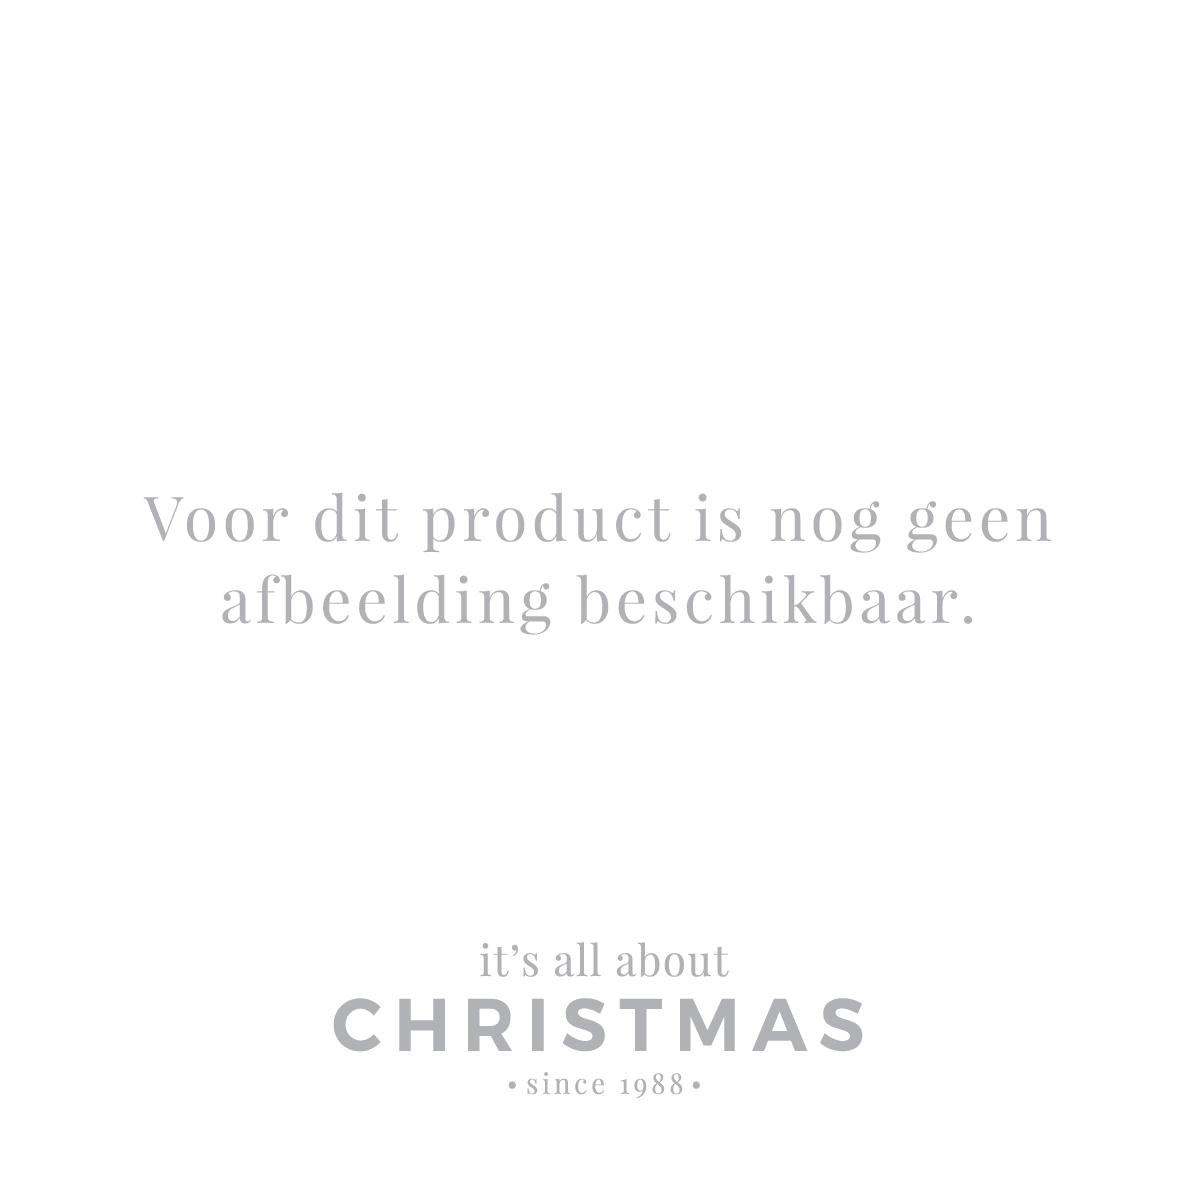 Witte kunstkerstboom kopen? Witte kerstbomen | Kerstversiering.be